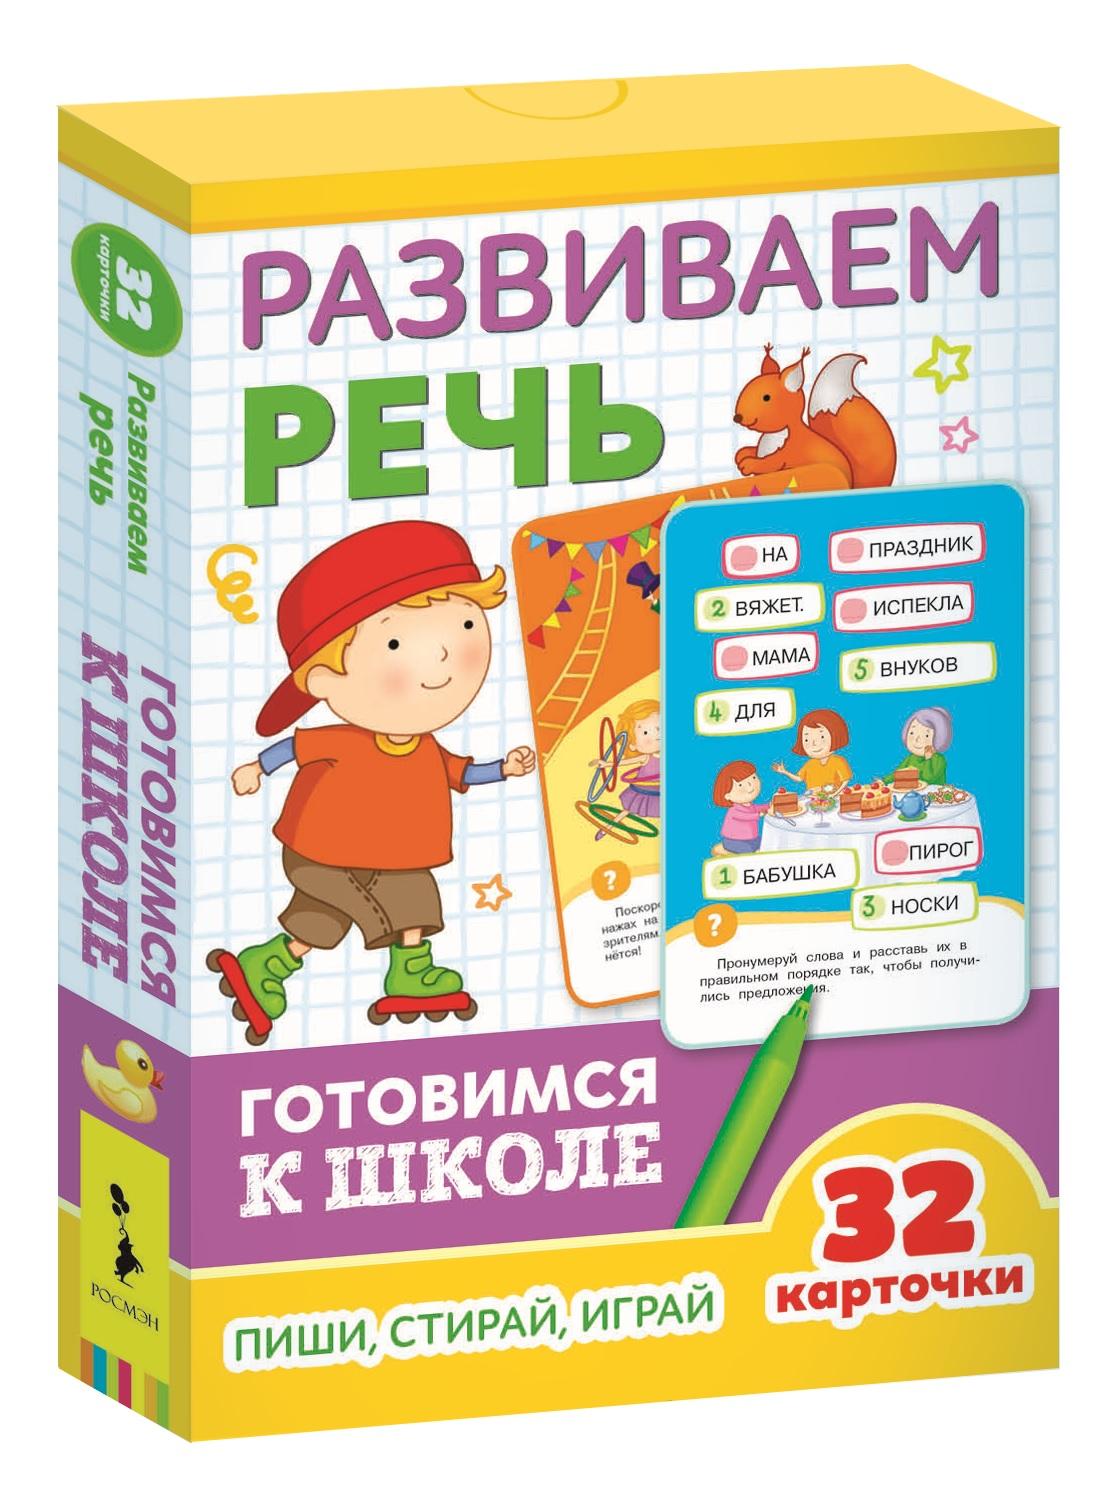 Развиваем речь (Разв.карточки. Готовимся к школе 5+) евдокимова а в развиваем логику внимание память развивающие карточки готовимся к школе 5